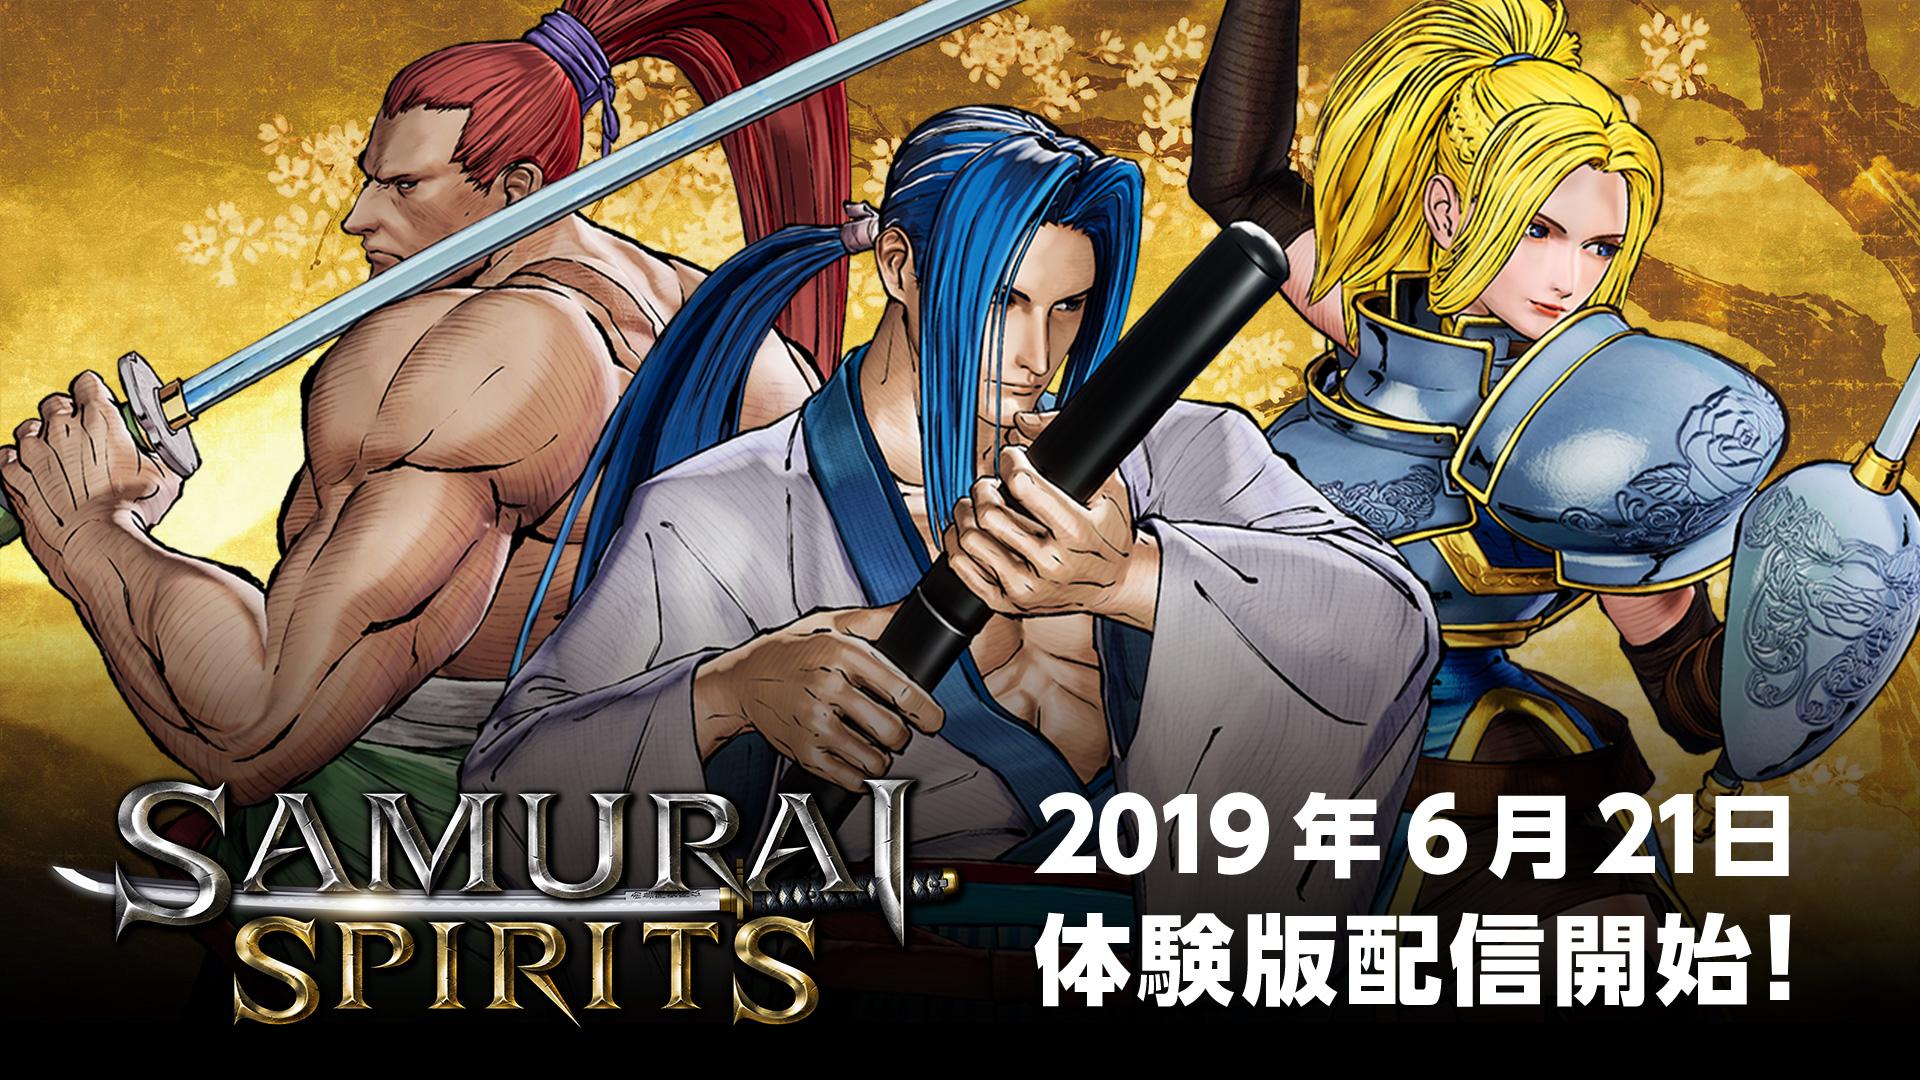 『SAMURAI SPIRITS』新しい体験版を6/21より配信開始!